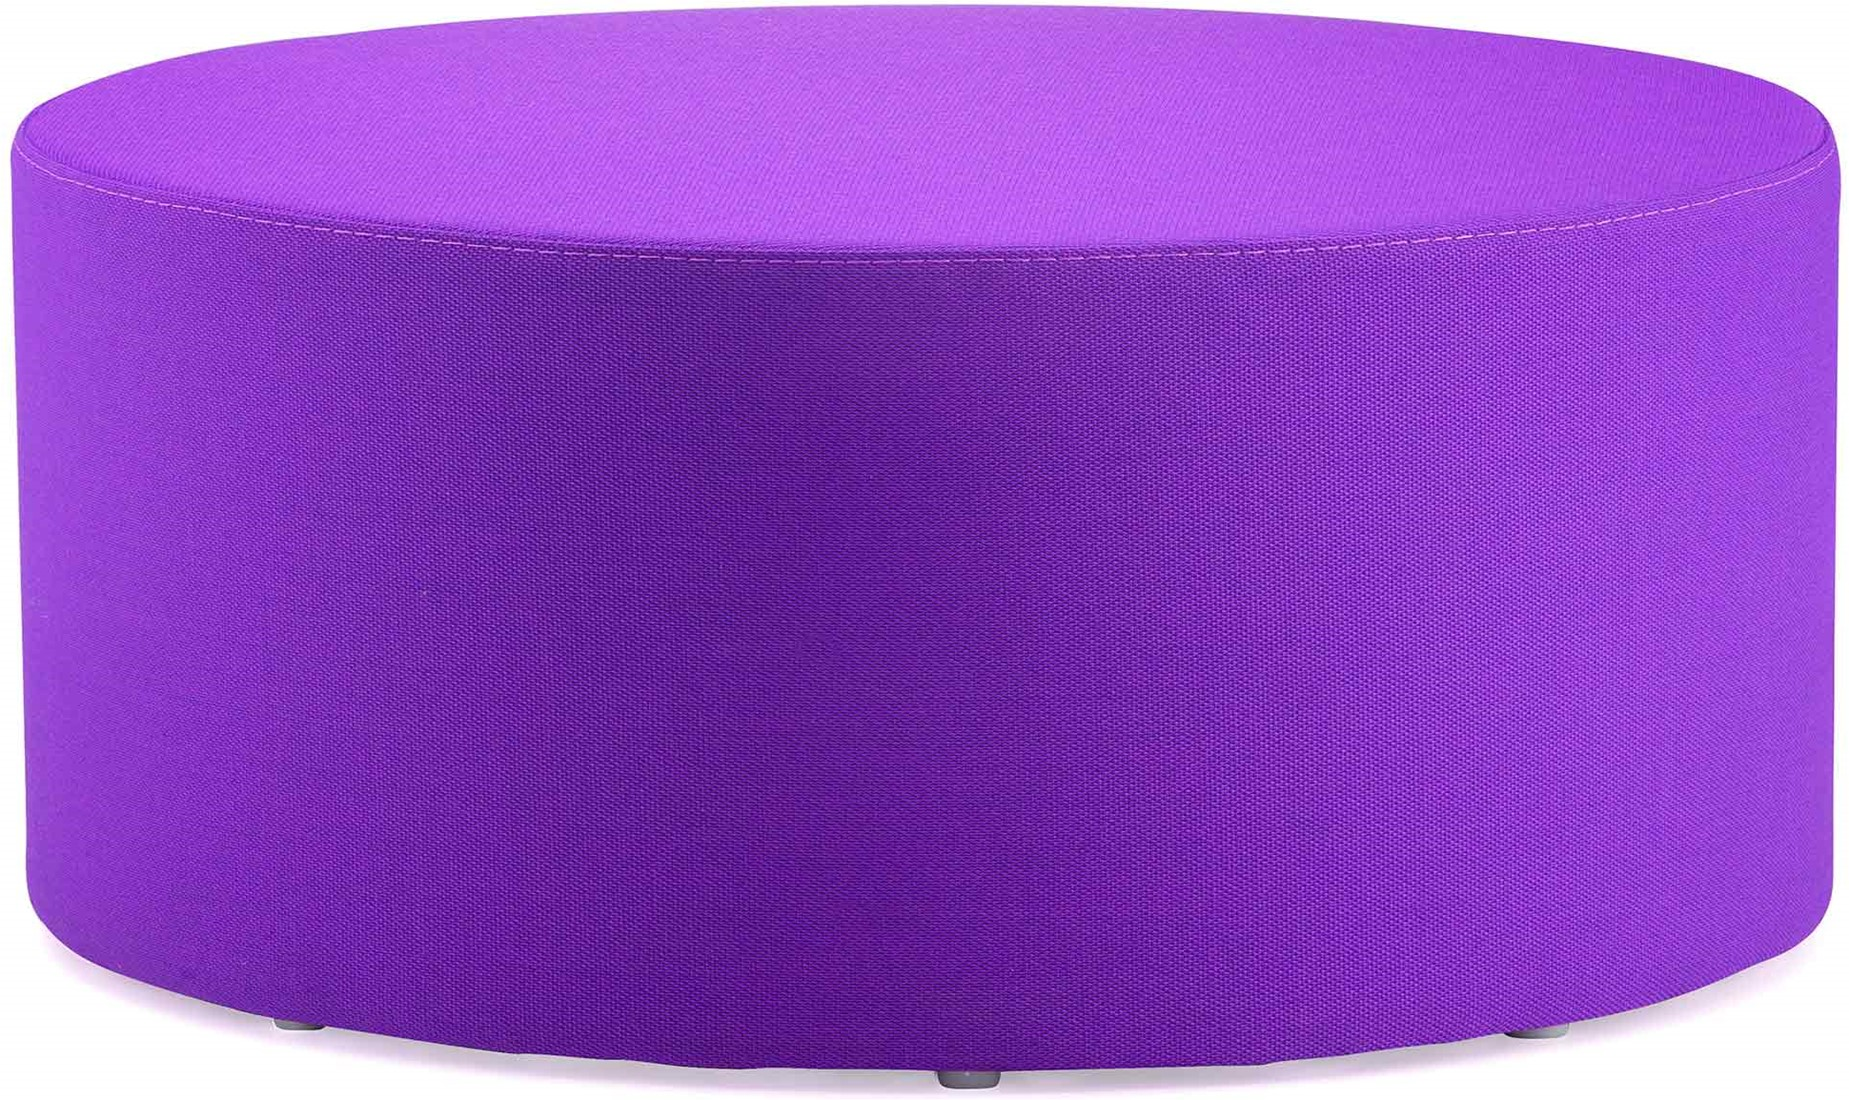 Goede Wow 325 - gestoffeerde ronde poef, diameter 85 cm - Kunstleder EC-08